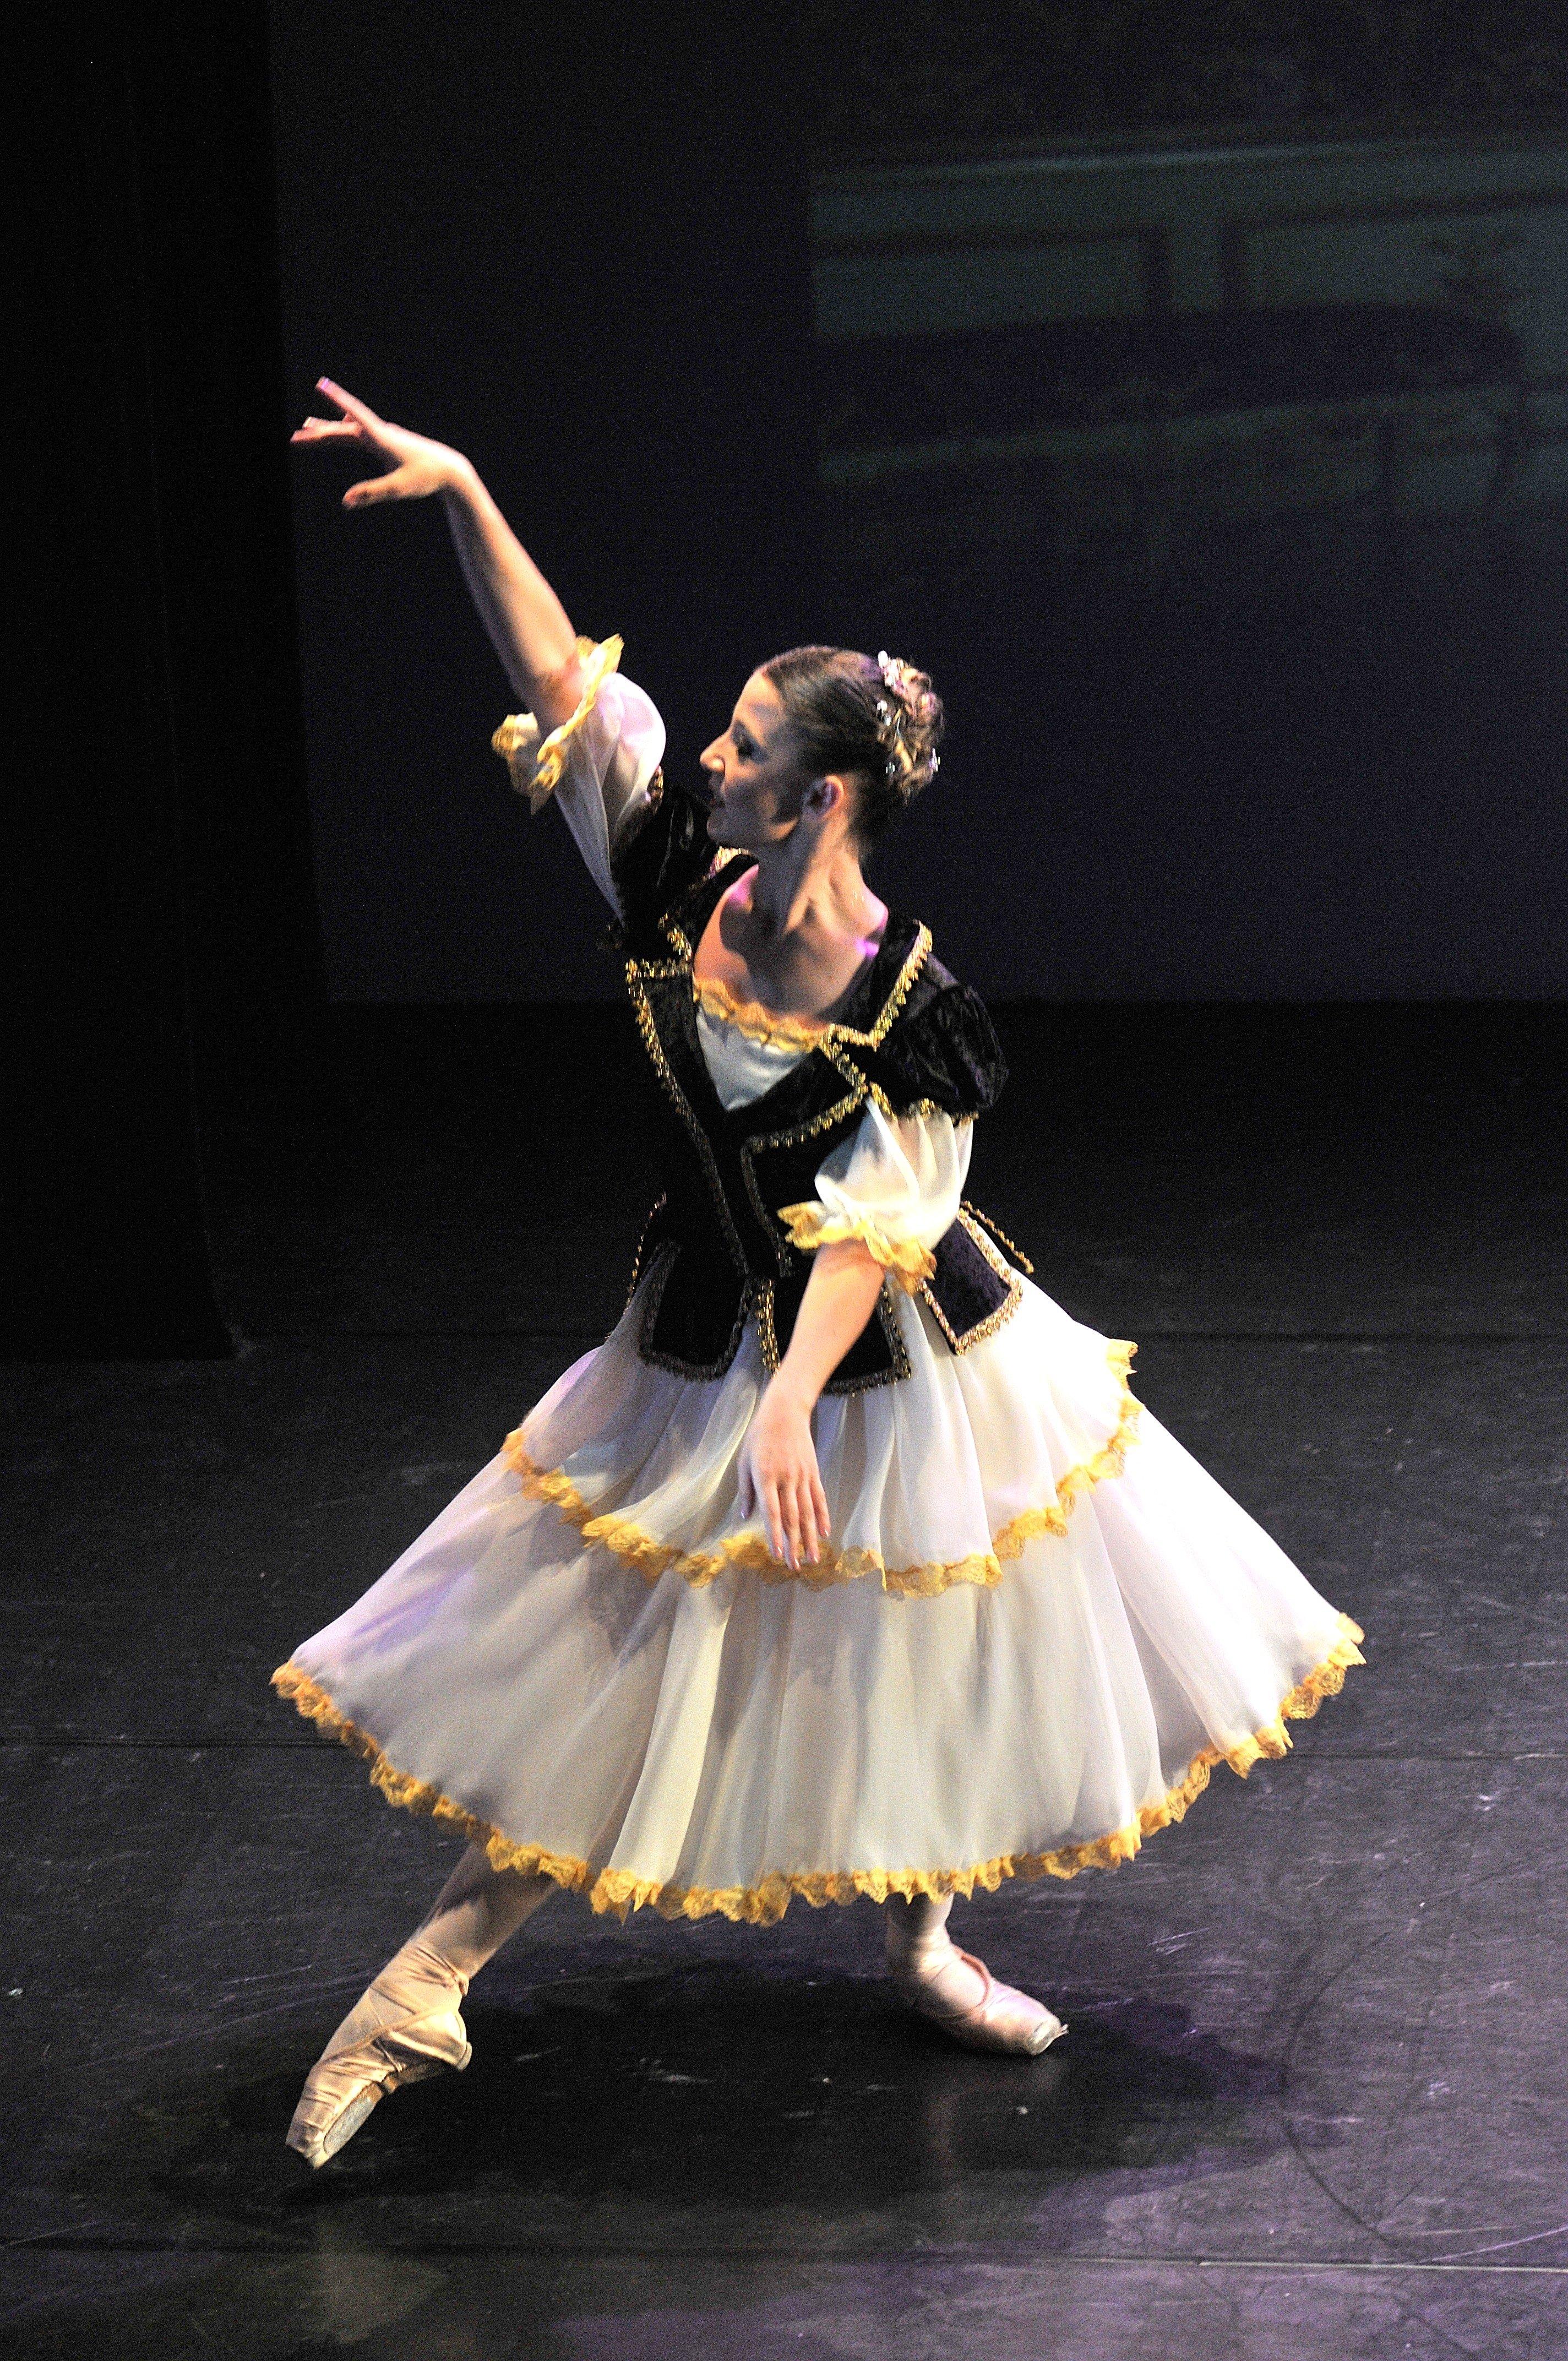 una ragazza che balla